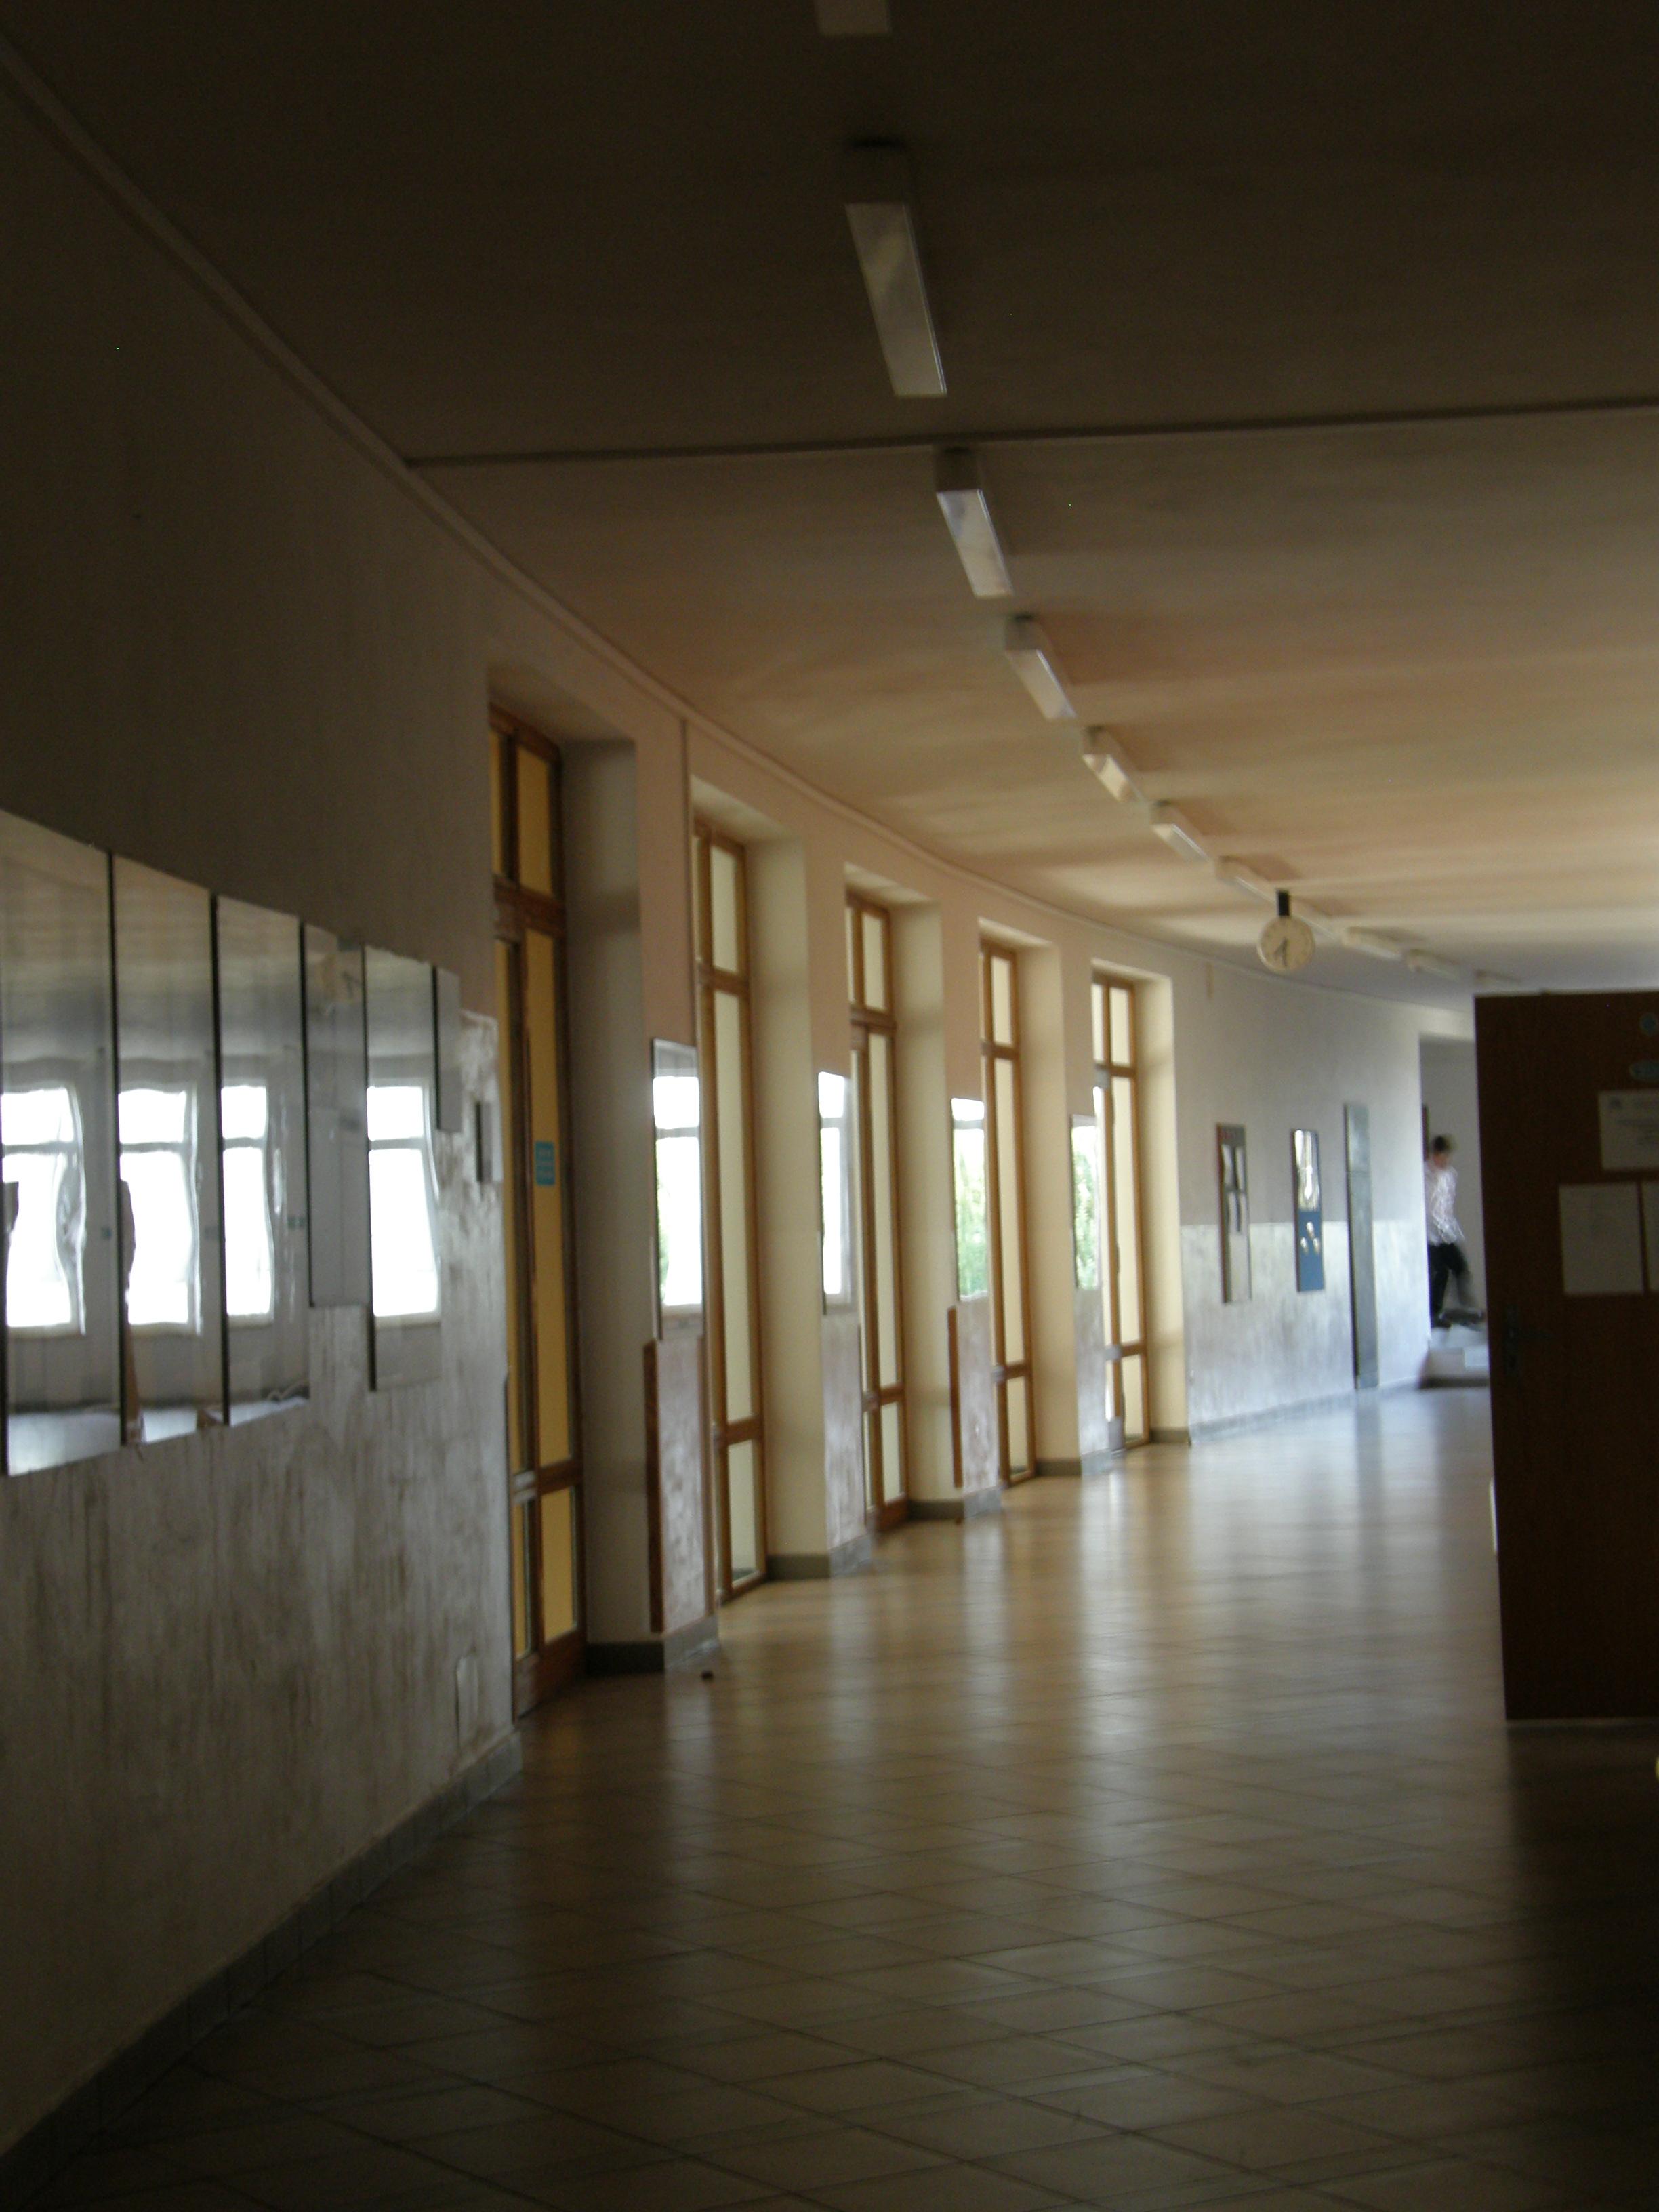 Jiri_Orten_Grammar_School_in_Kutna_Hora_corridor_2.JPG